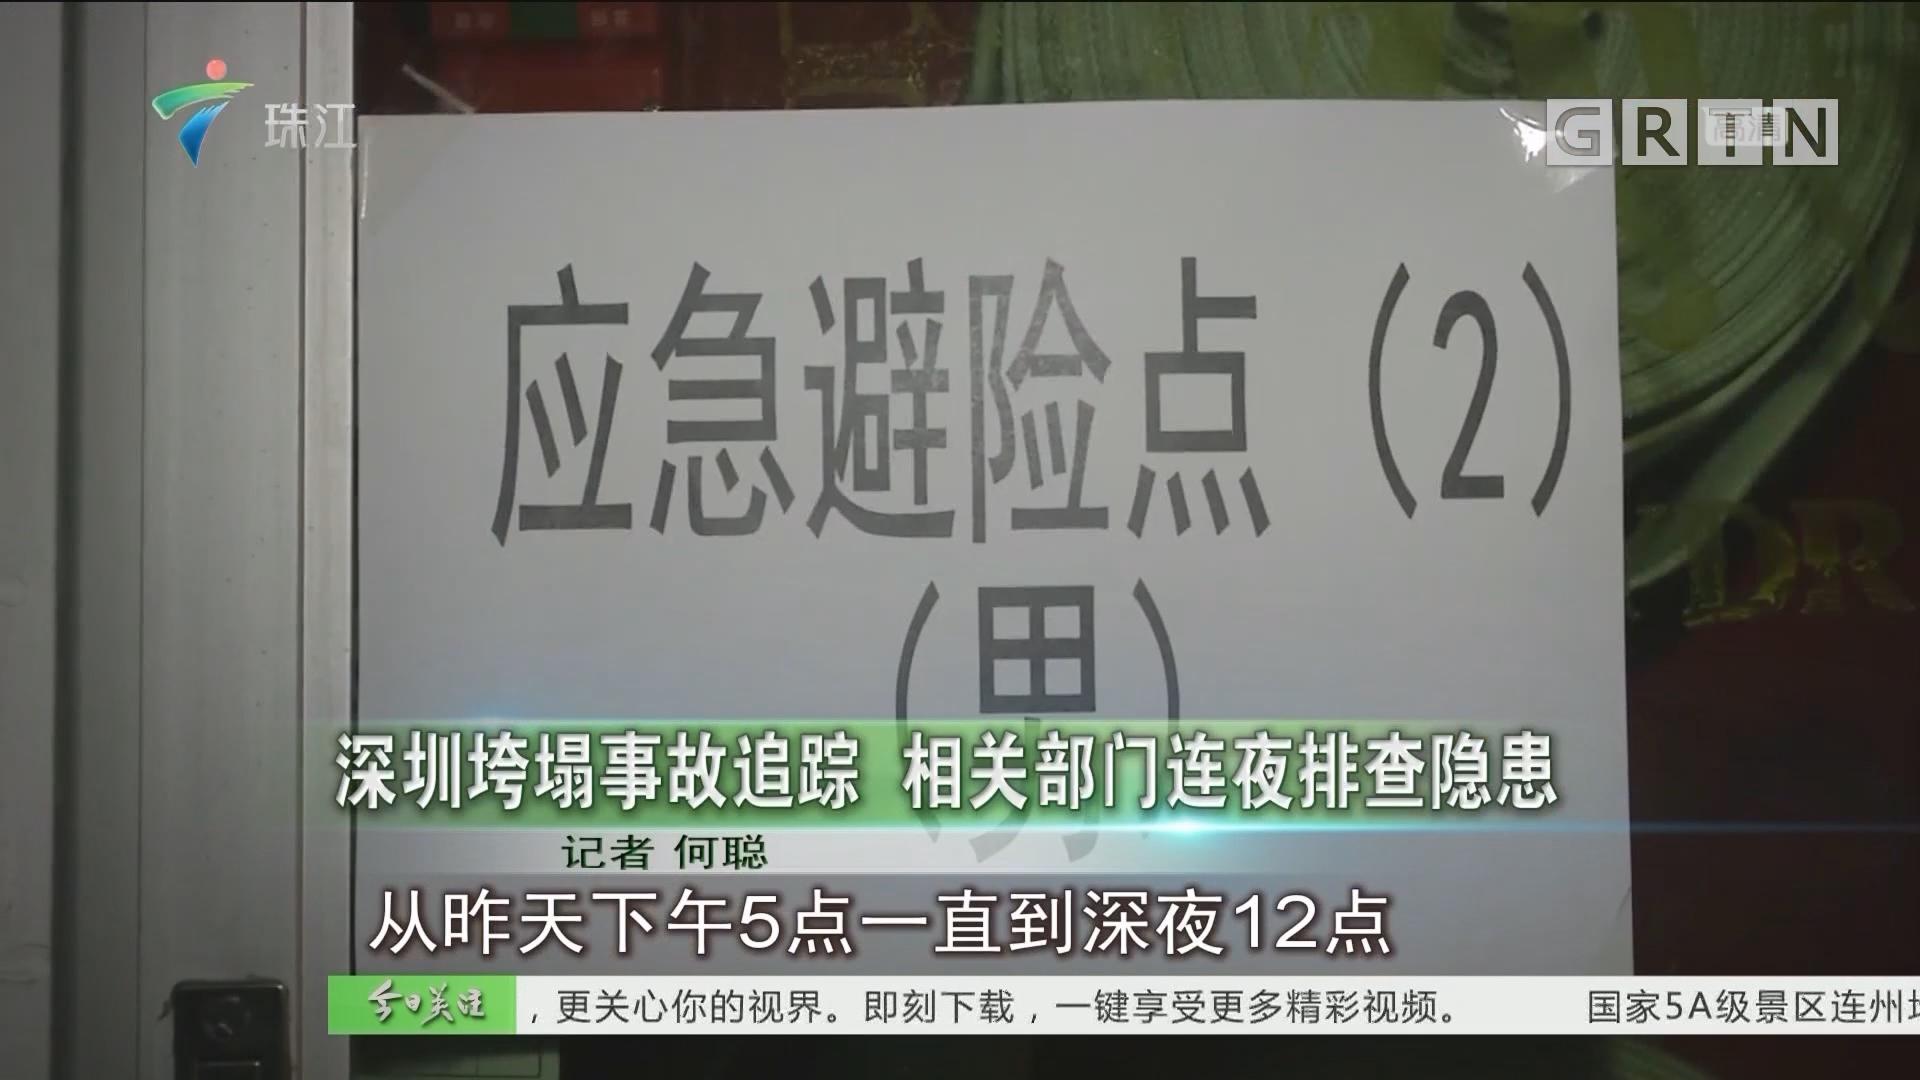 深圳垮塌事故追踪 相关部门连夜排查隐患